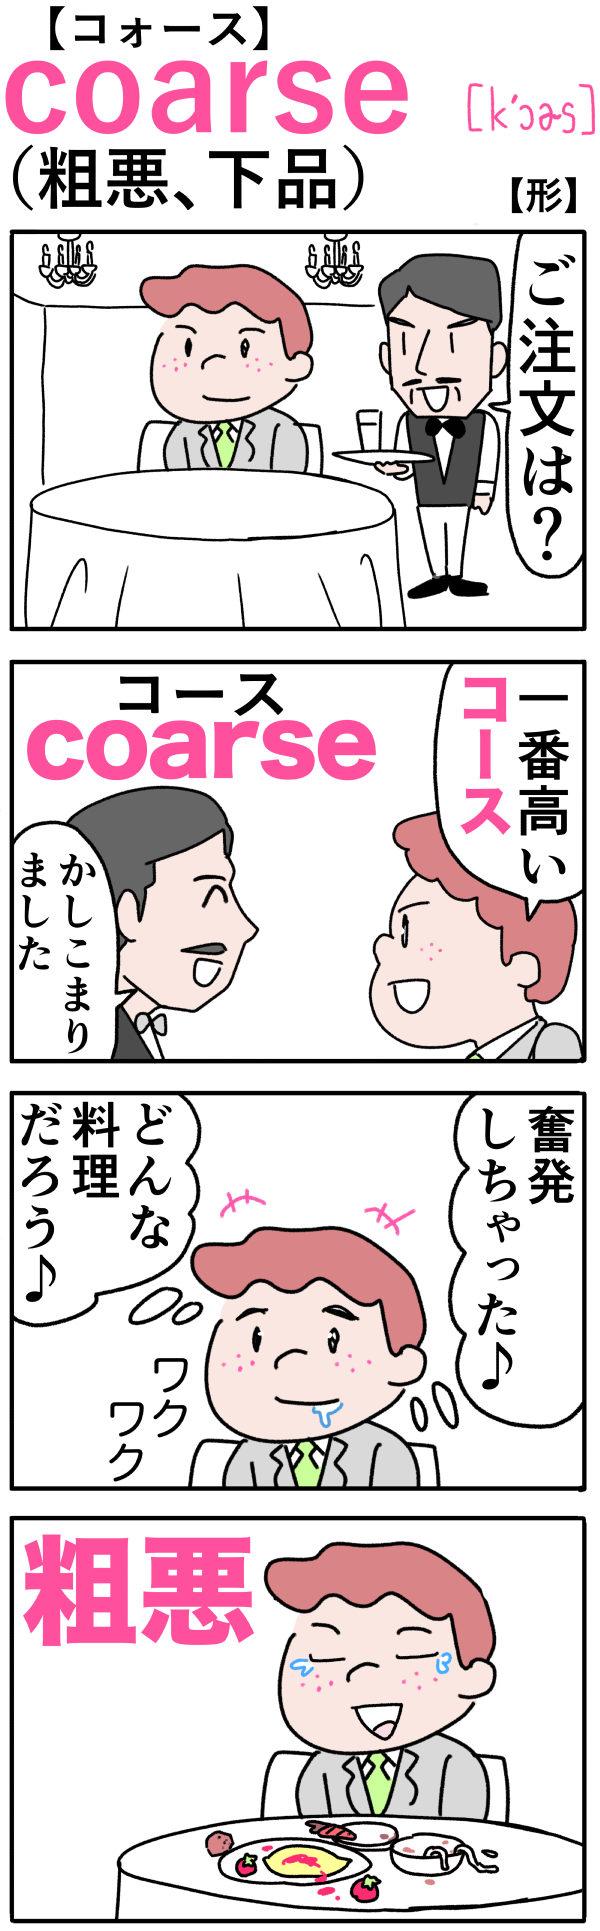 coarse(粗悪)の語呂合わせ英単語